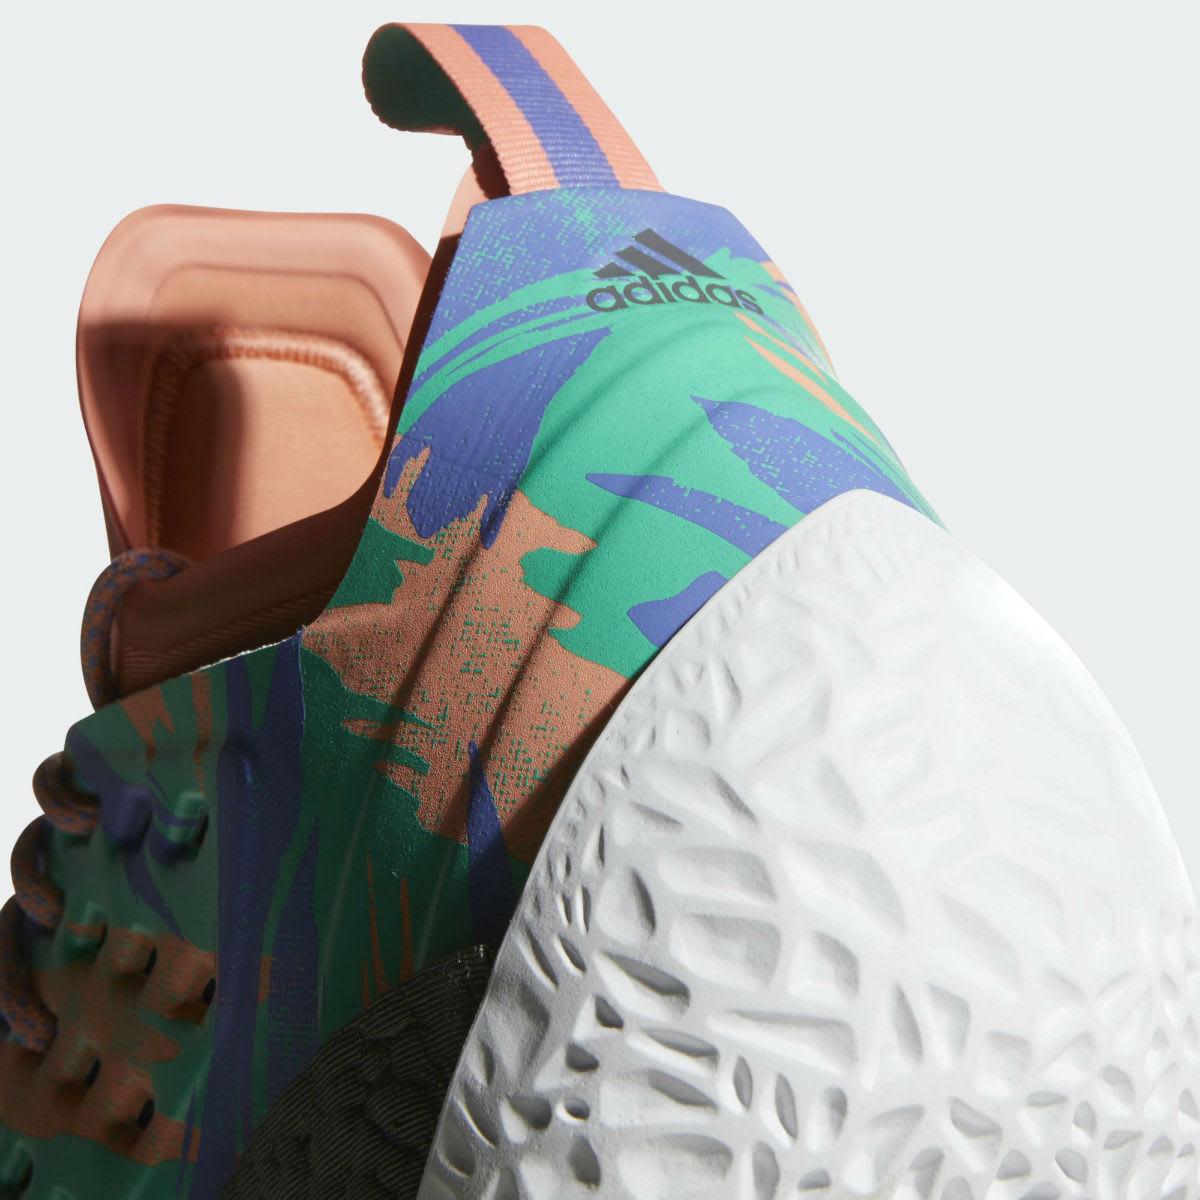 Adidas Harden Vol. 2 Orange Release Date AH2219 Heel